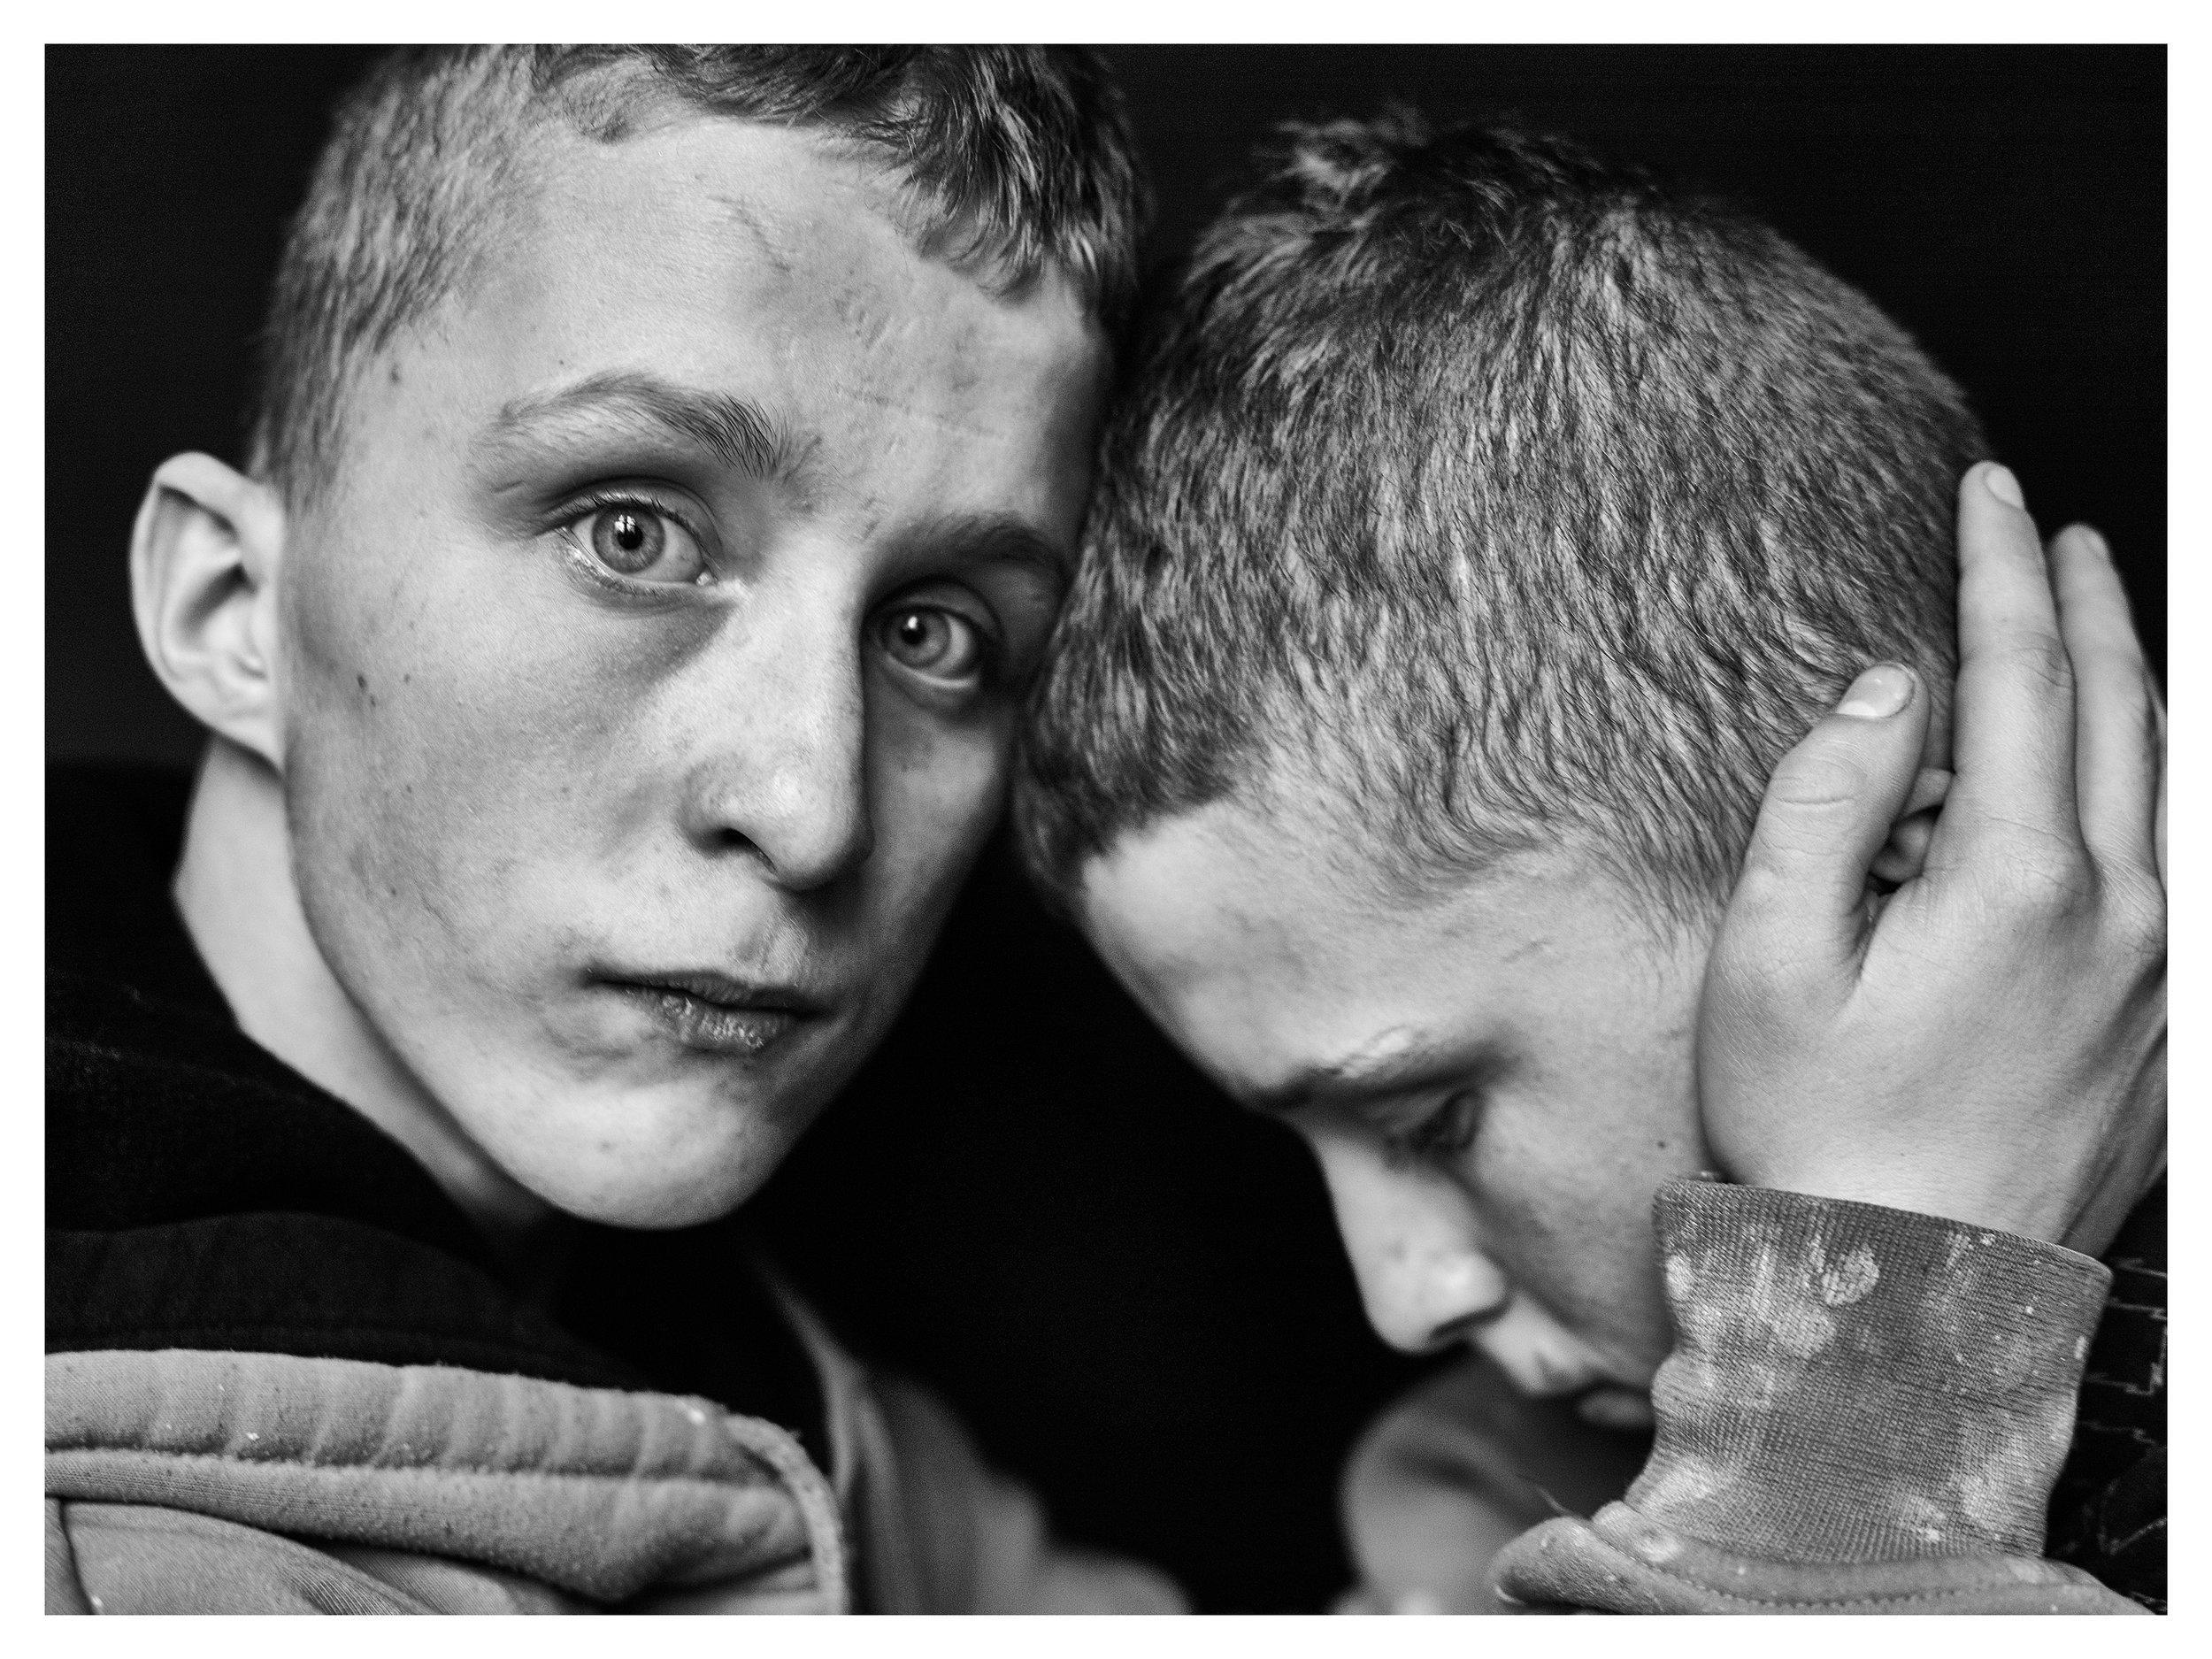 Adrian and Andrzej. © Zuza Krajewska